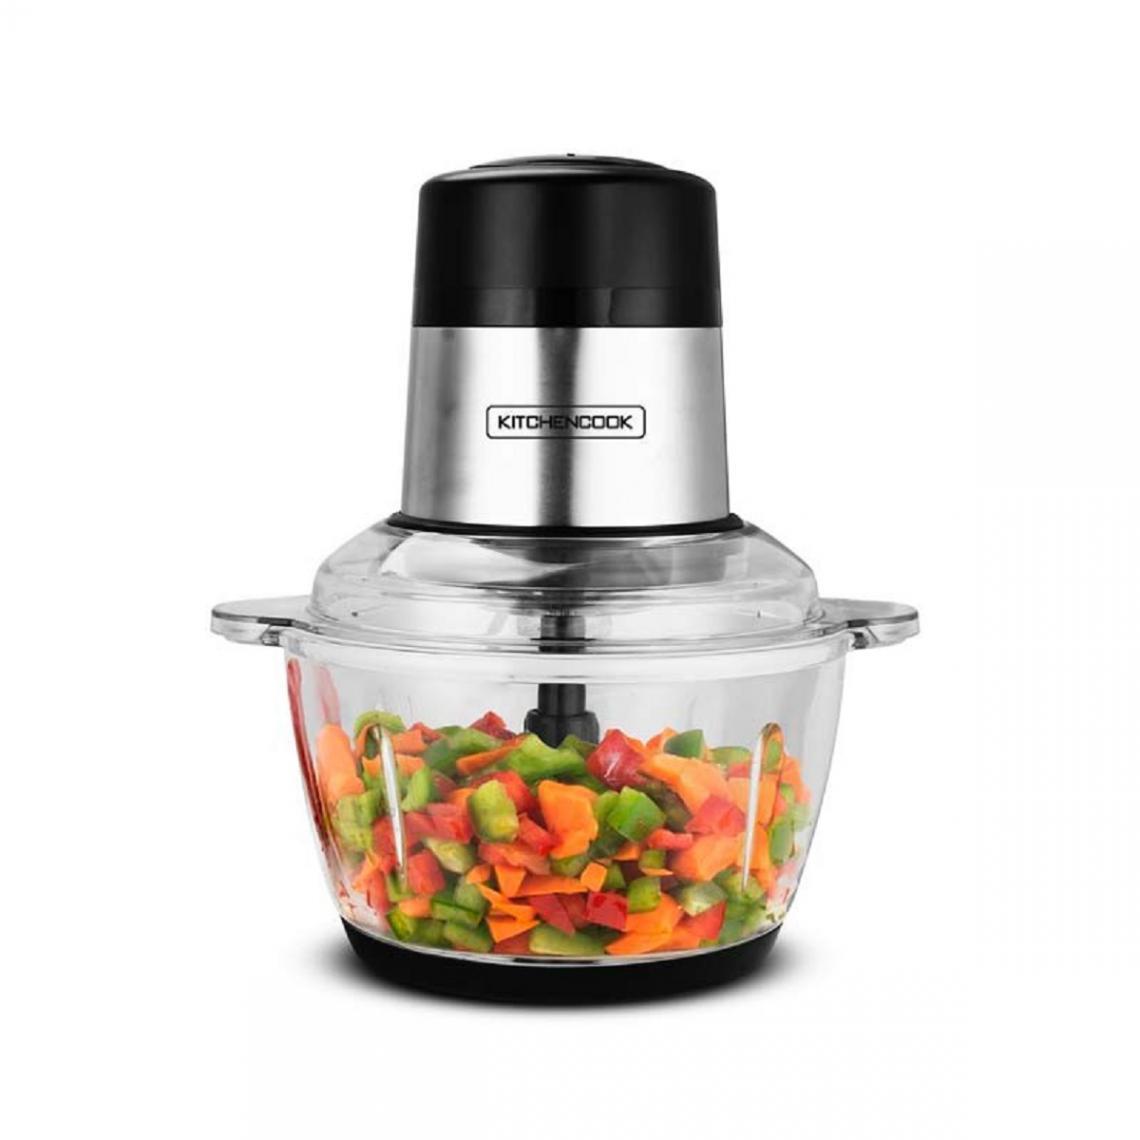 Kitchencook Mini Hachoir électrique Mixpod2000 - 2L - Noir